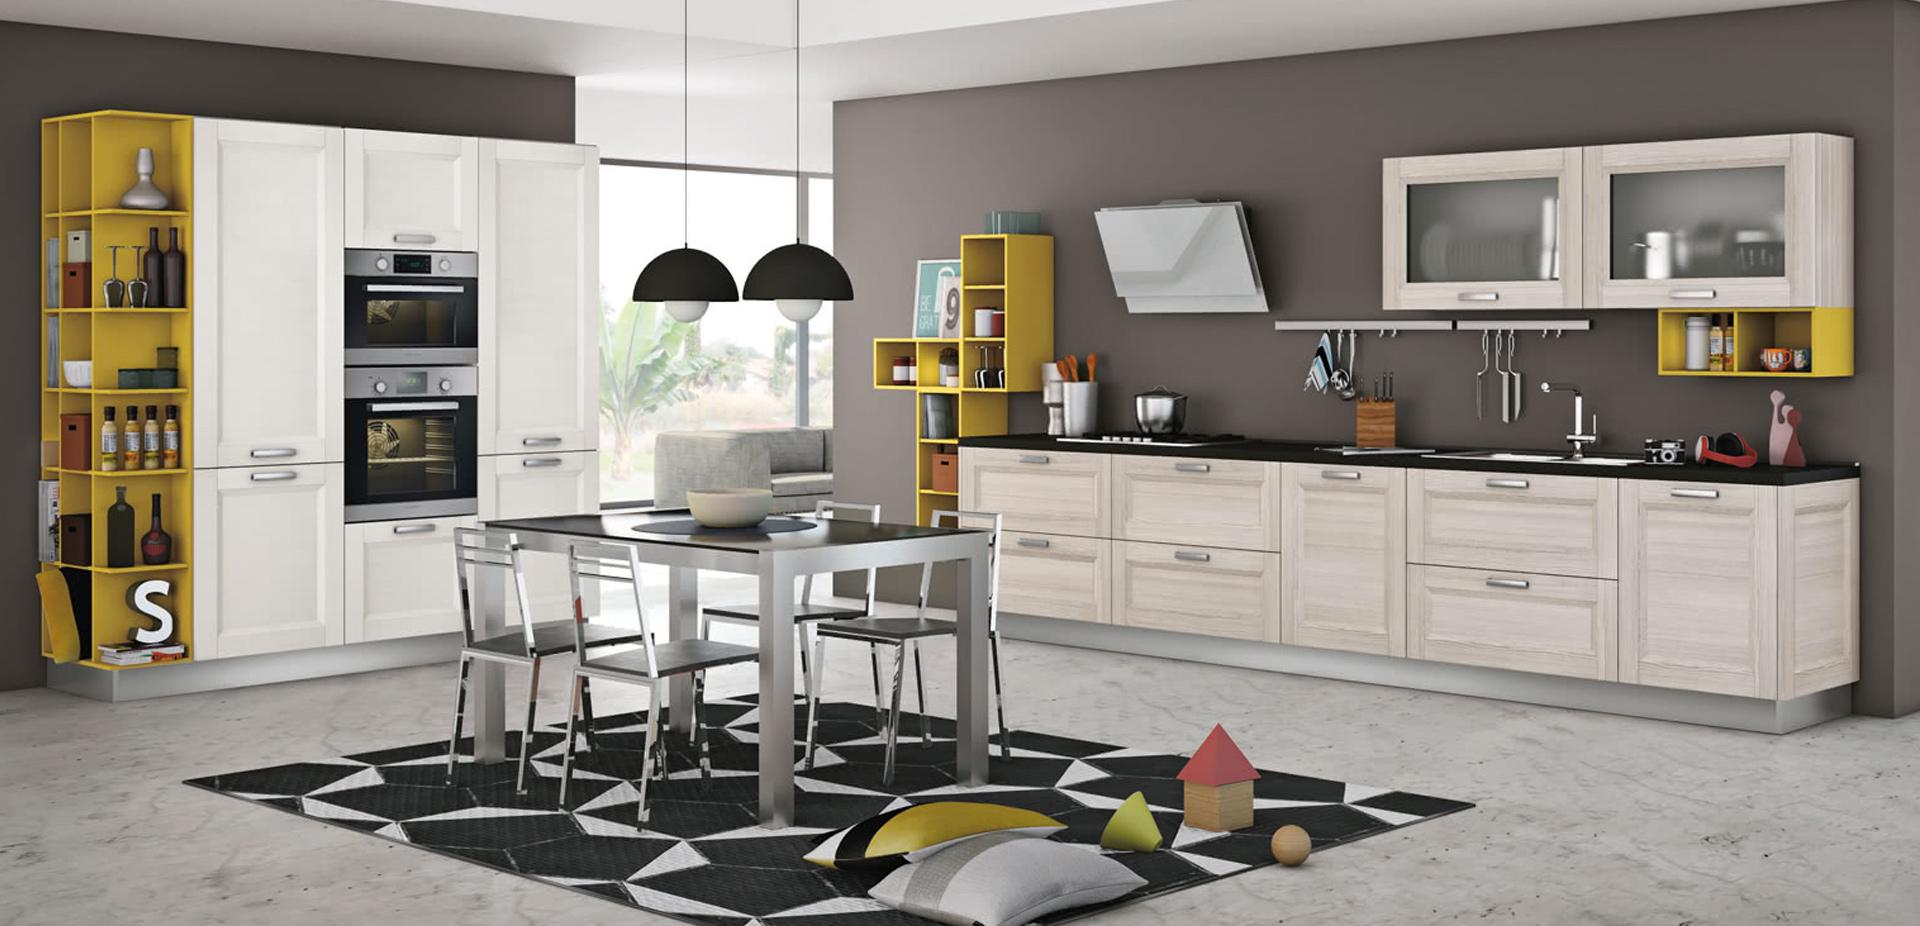 Colori Per Cucina Rustica colori cucina rustica, 5 tocchi per ottenere un look moderno